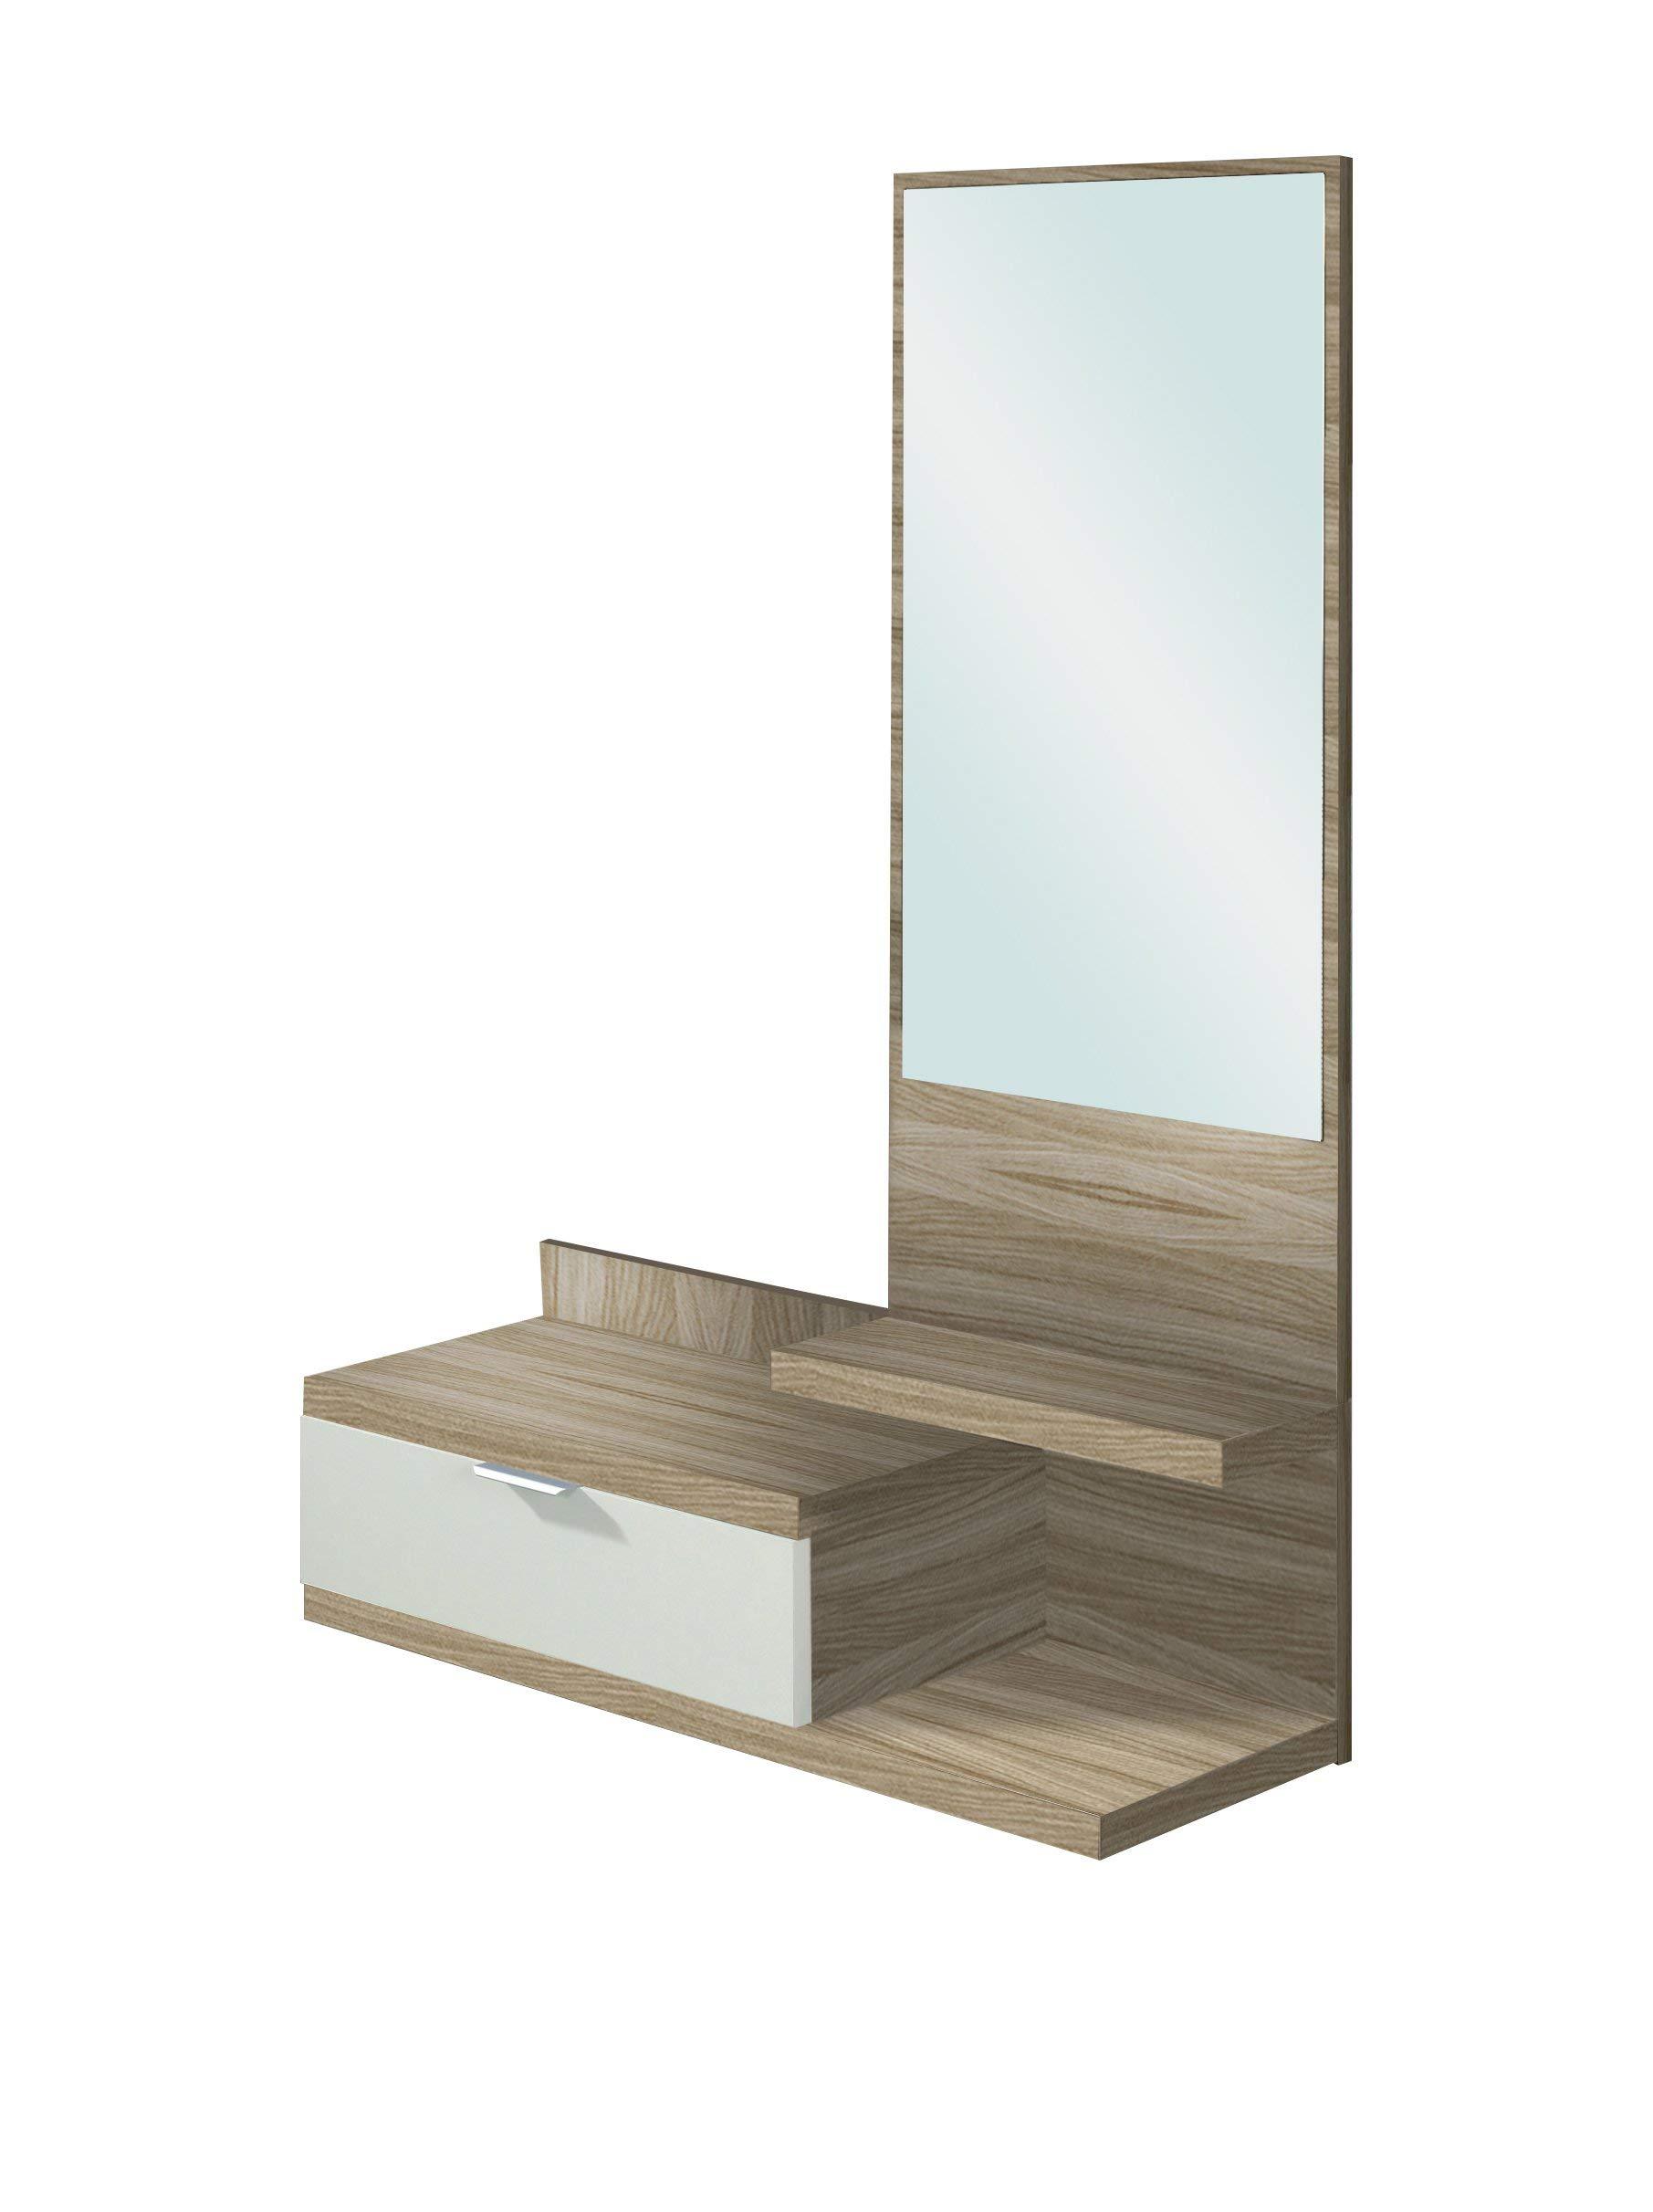 Habitdesign 016744W - Recibidor con un cajón y espejo, mueble entrada color Blanco Brillo y